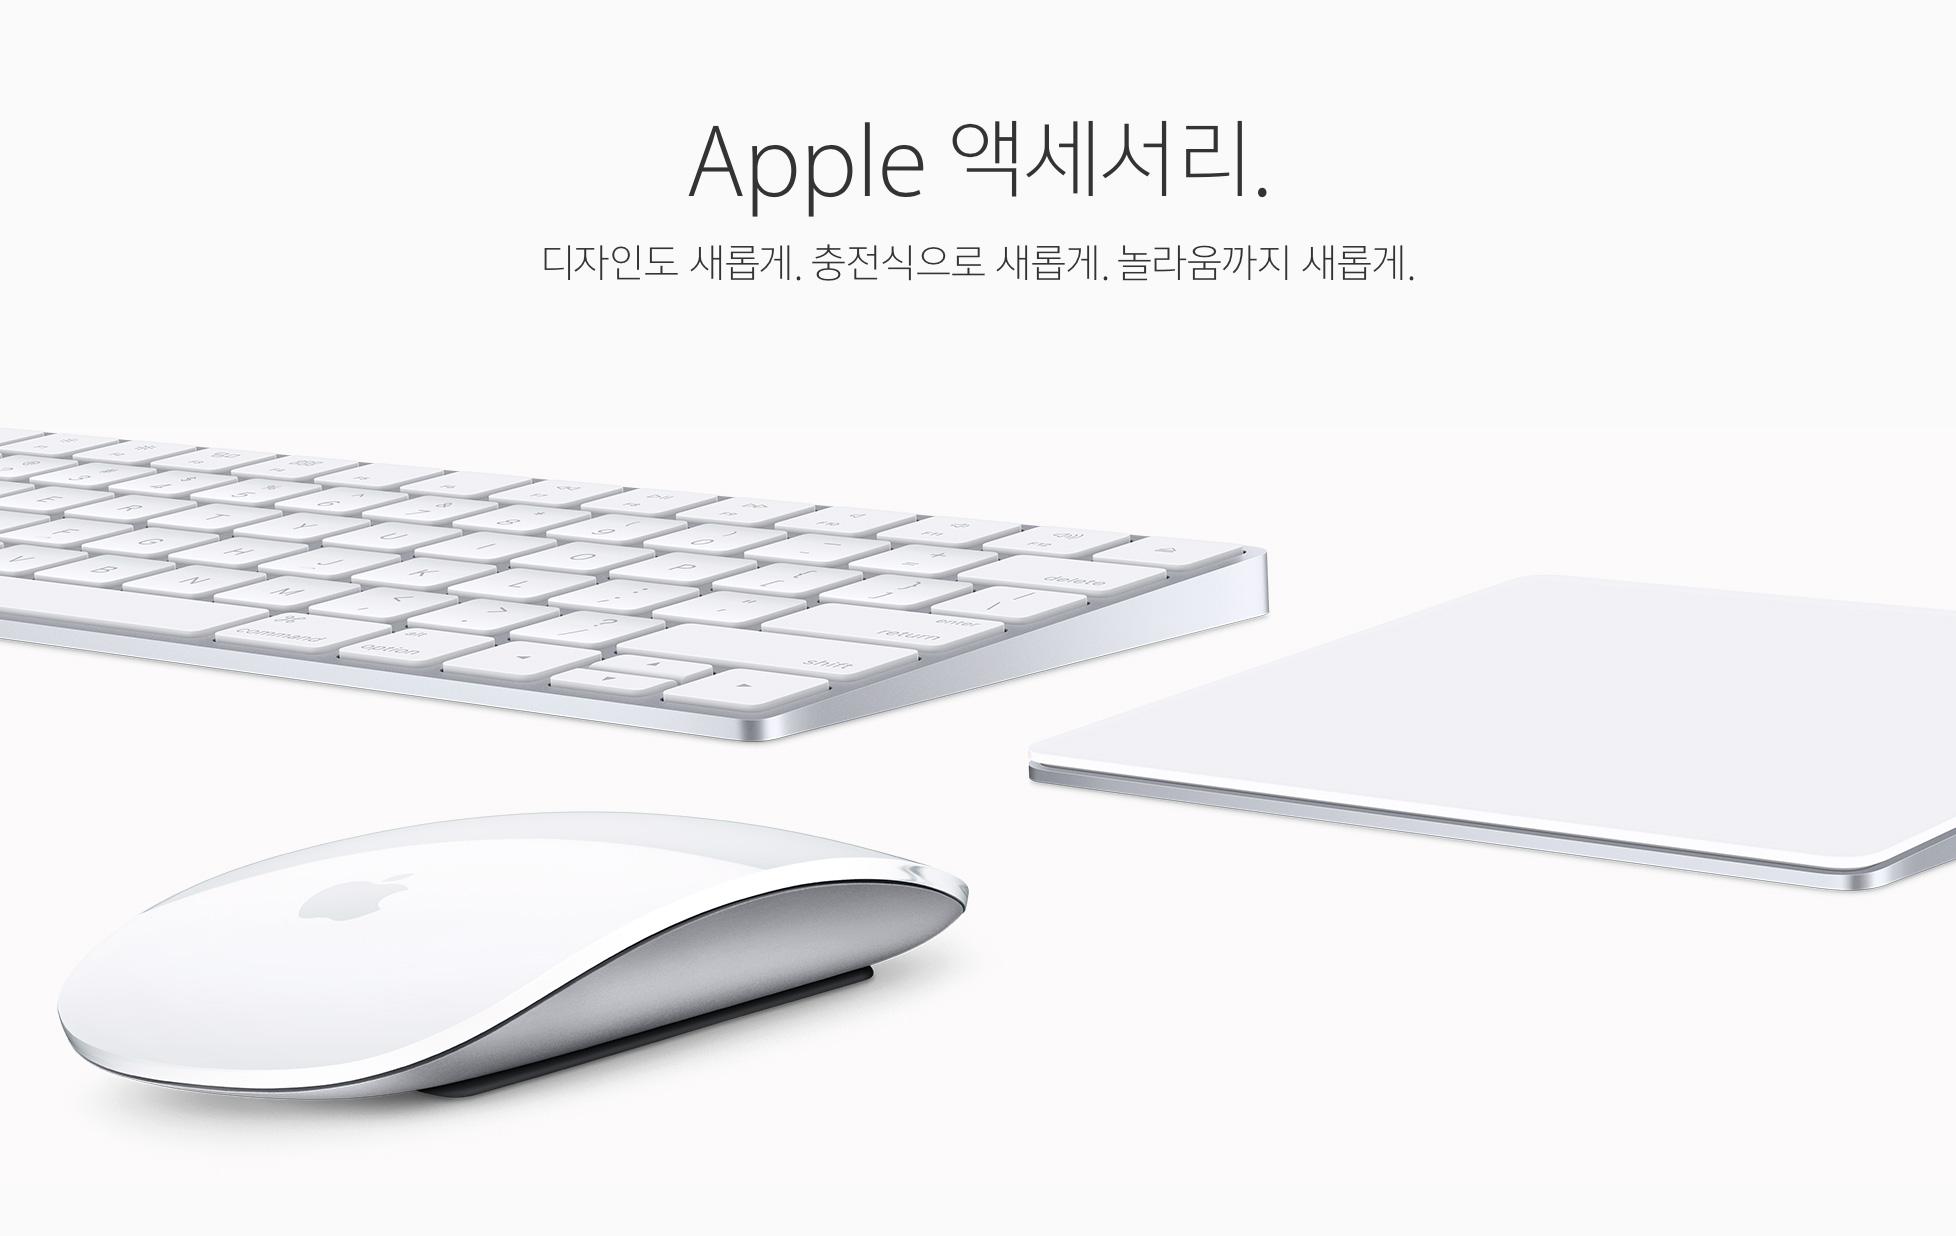 애플의 매직, 신형 아이맥 뒷이야기